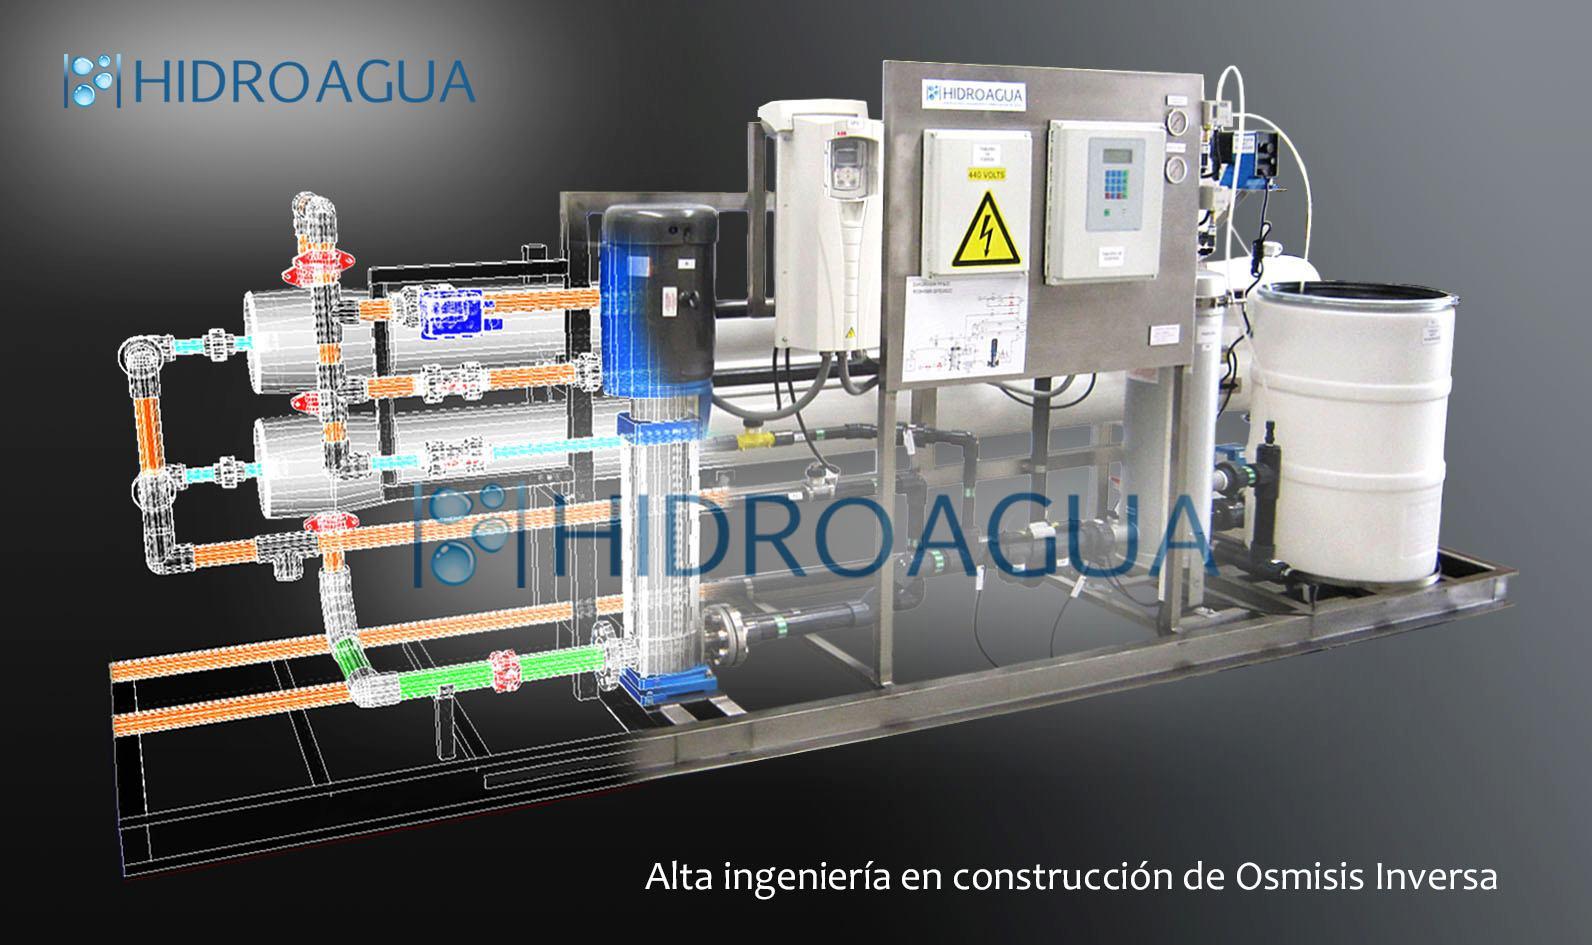 Hidroagua osmosis inversa for Equipo de osmosis inversa